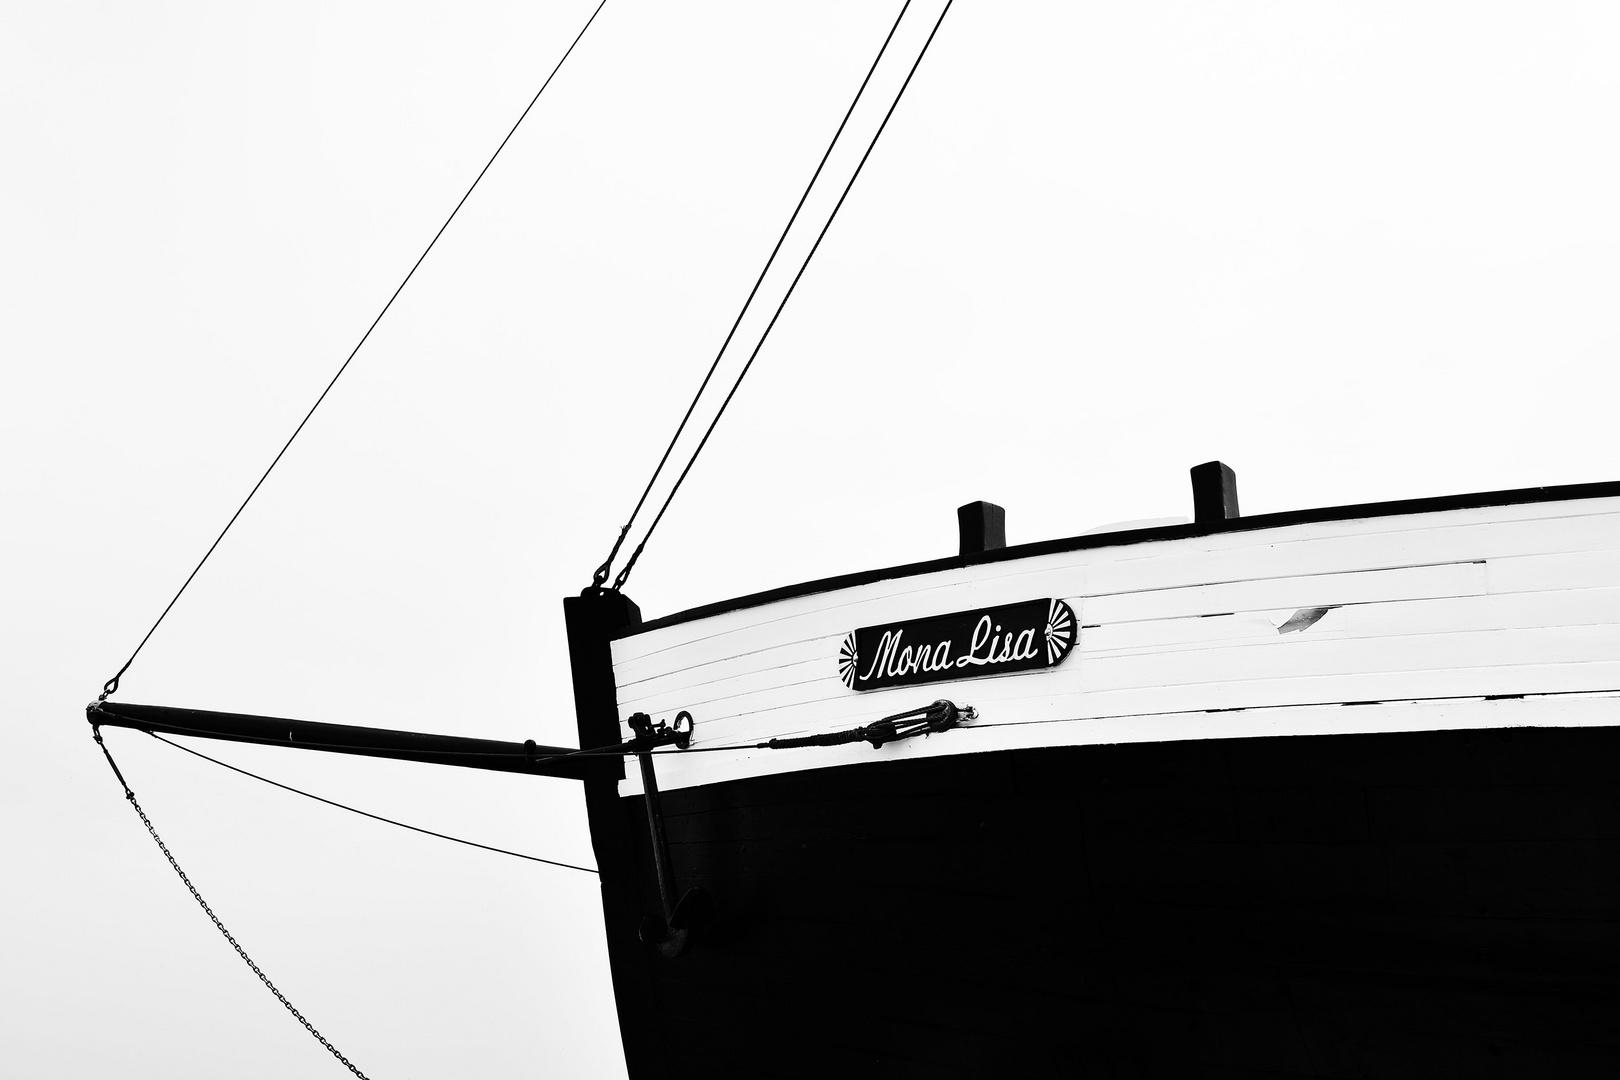 Zeesenboot Mona Lisa